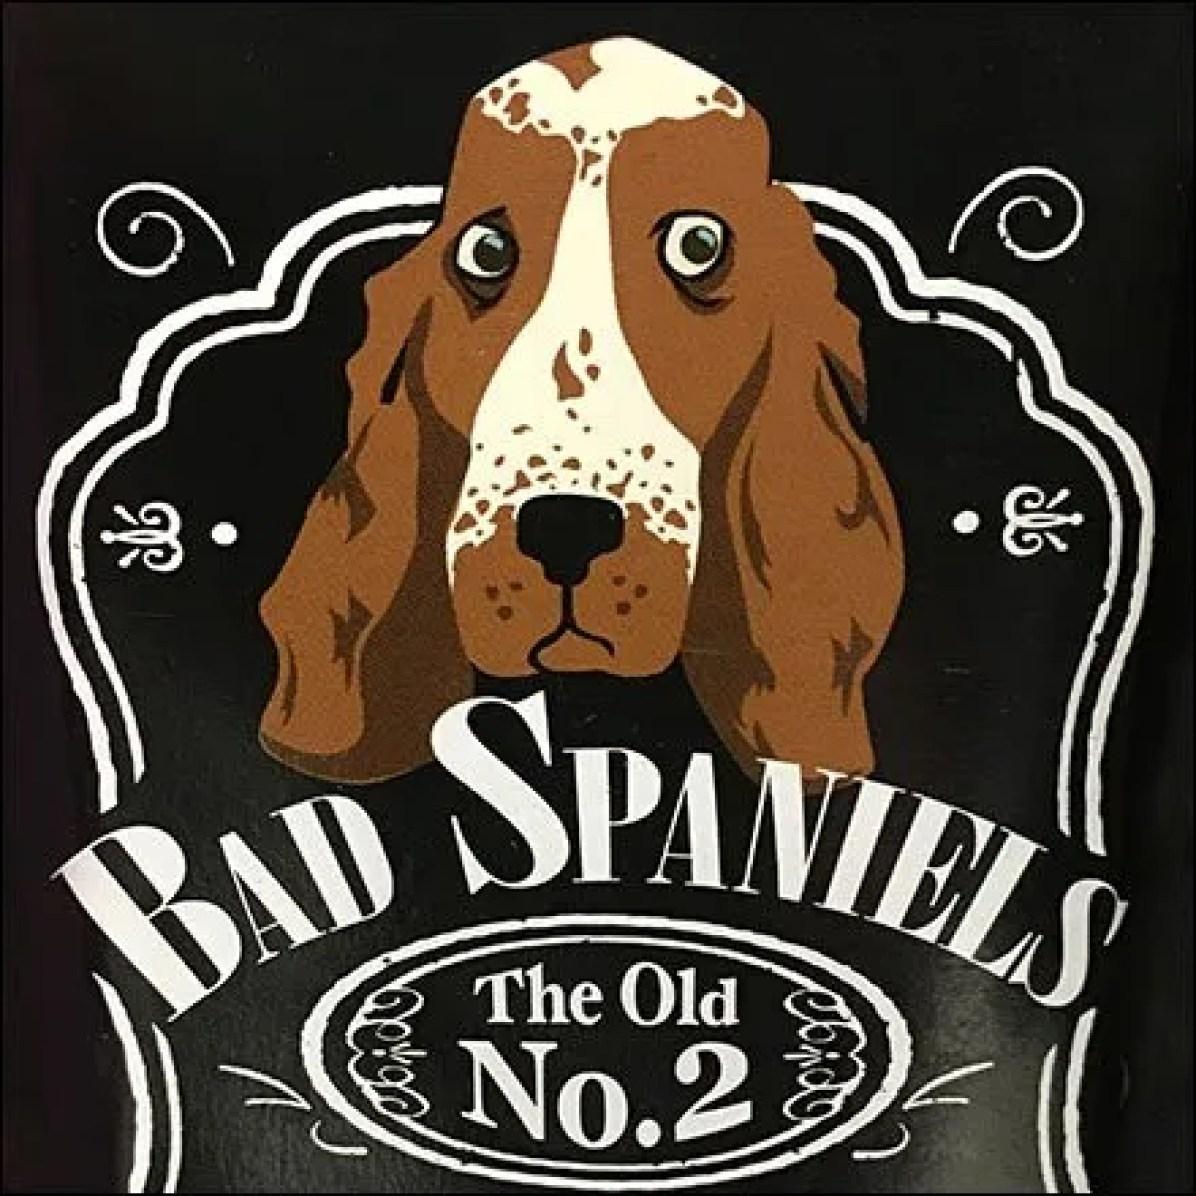 Bad Spaniels Take-Off on Jack Daniels